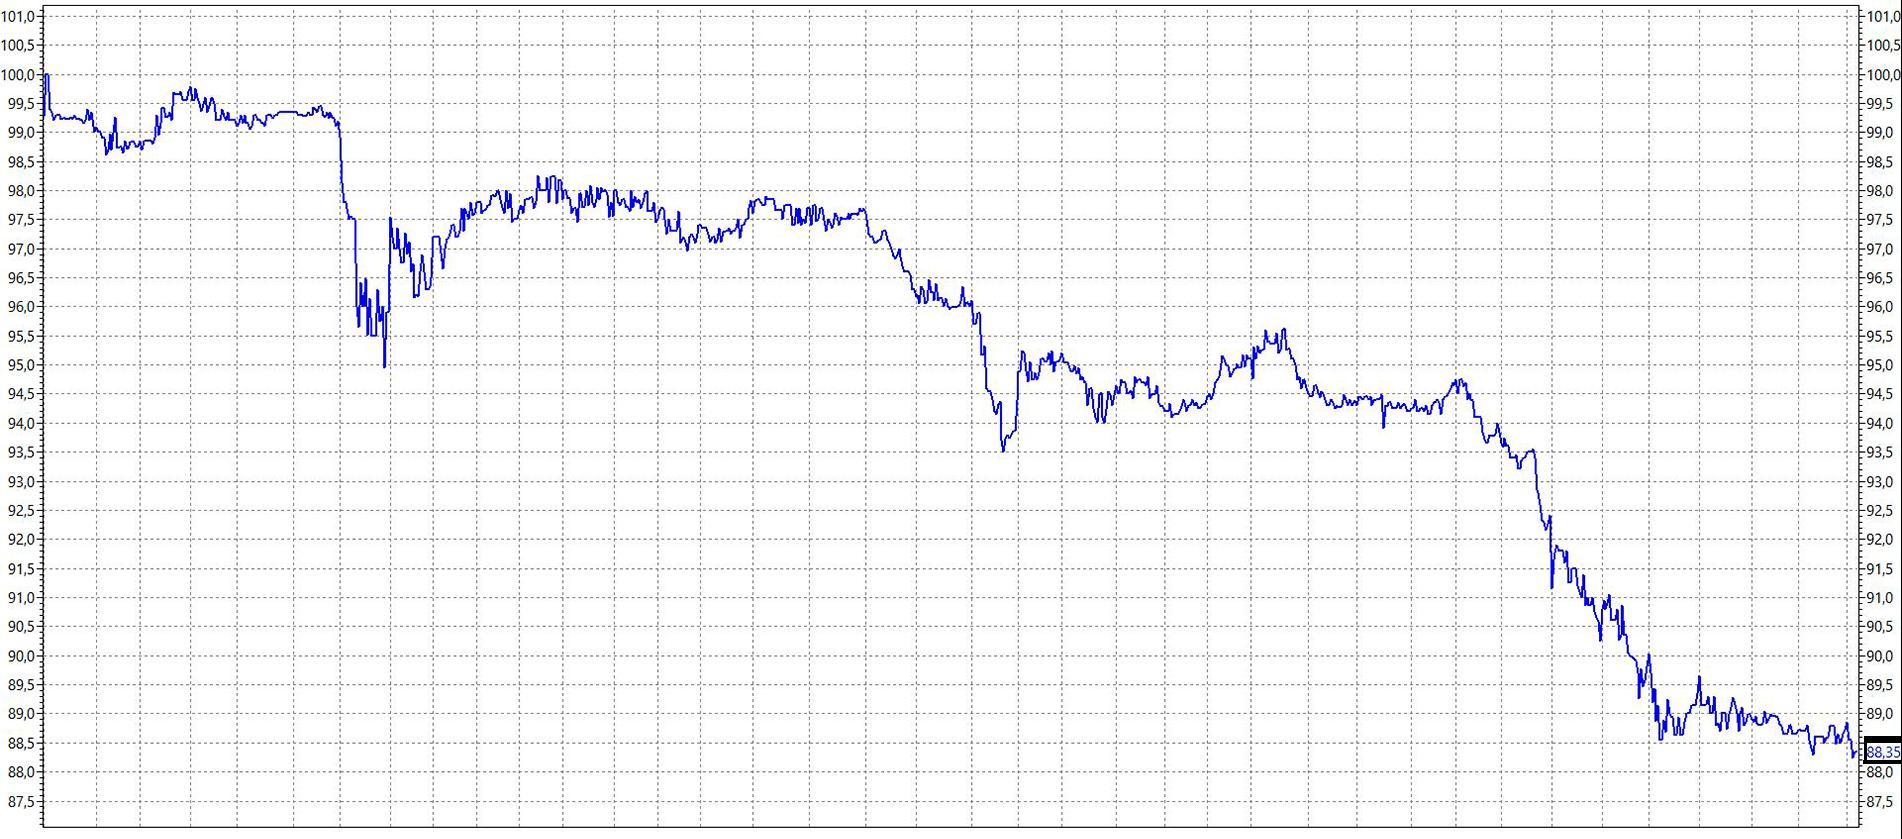 Котировки облигации ОФЗ-26224 с апреля 2018 по август 2018. Источник: терминал QUIK